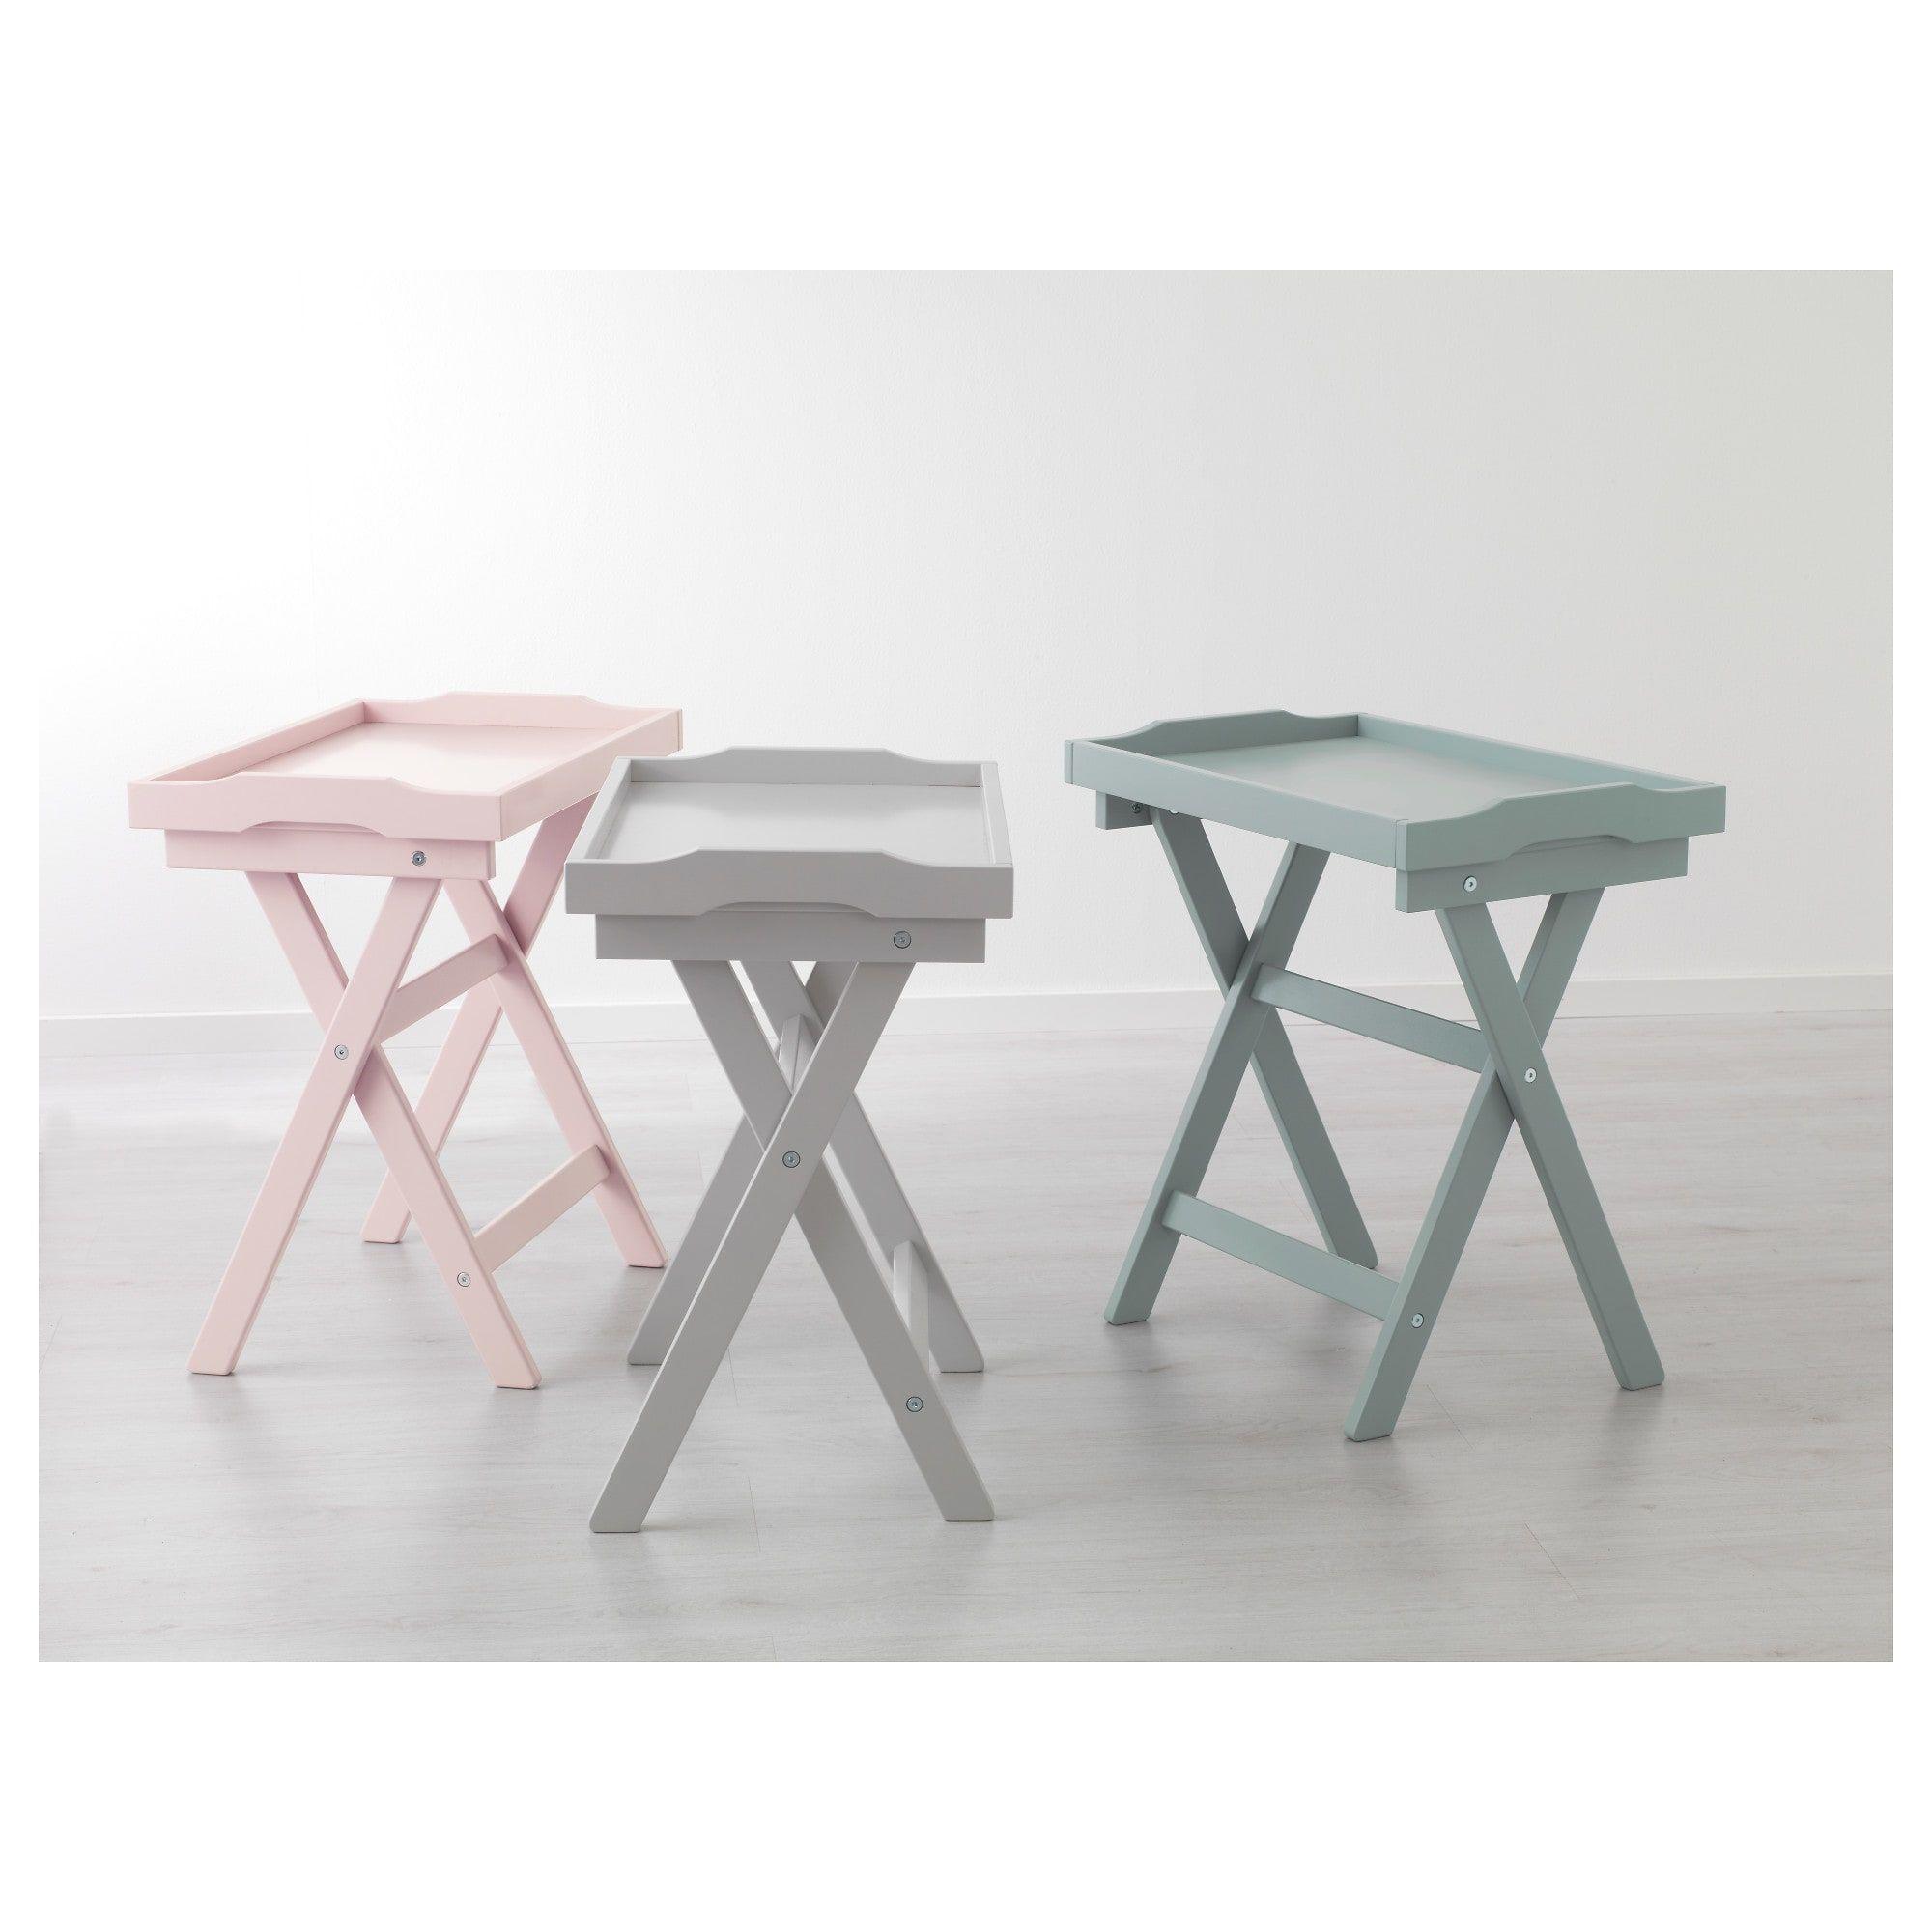 - MARYD Tray Table - Green 22 7/8x15x22 7/8